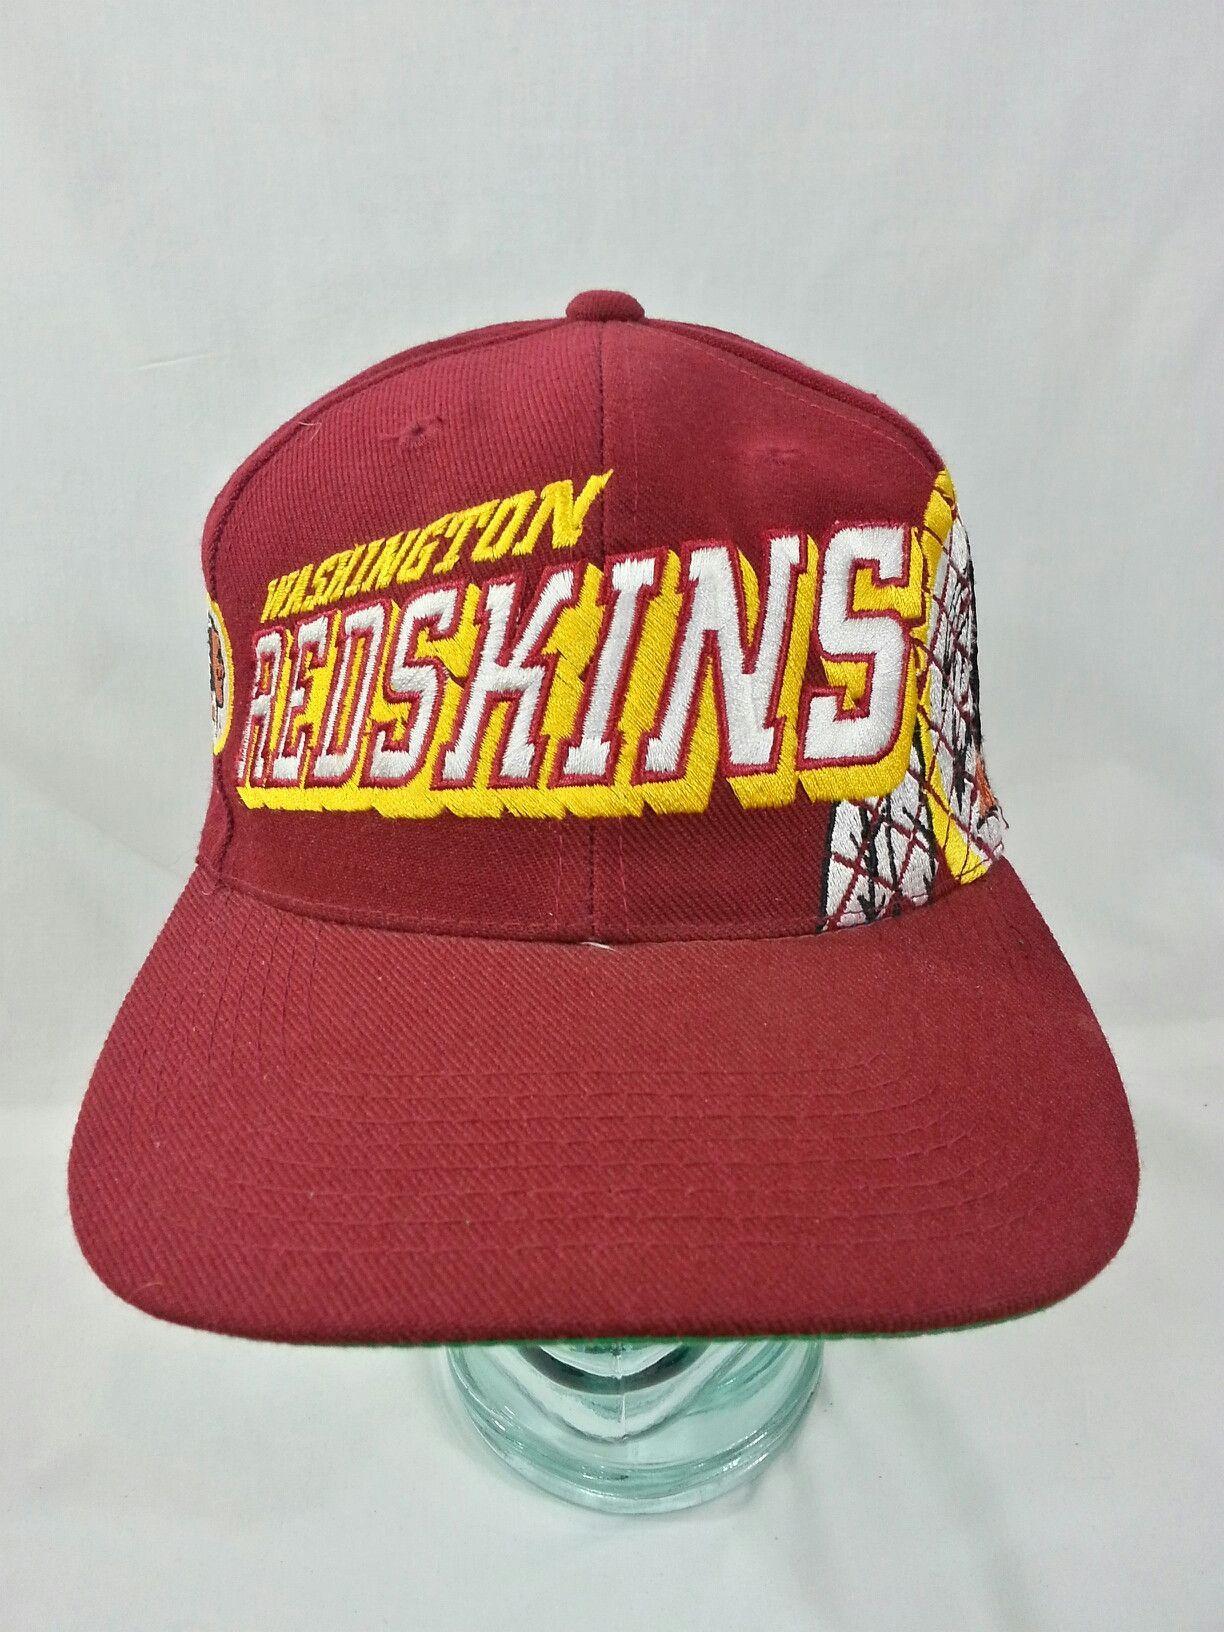 Washington Redskins Vintage 90s Snapback  5cd07d795bd